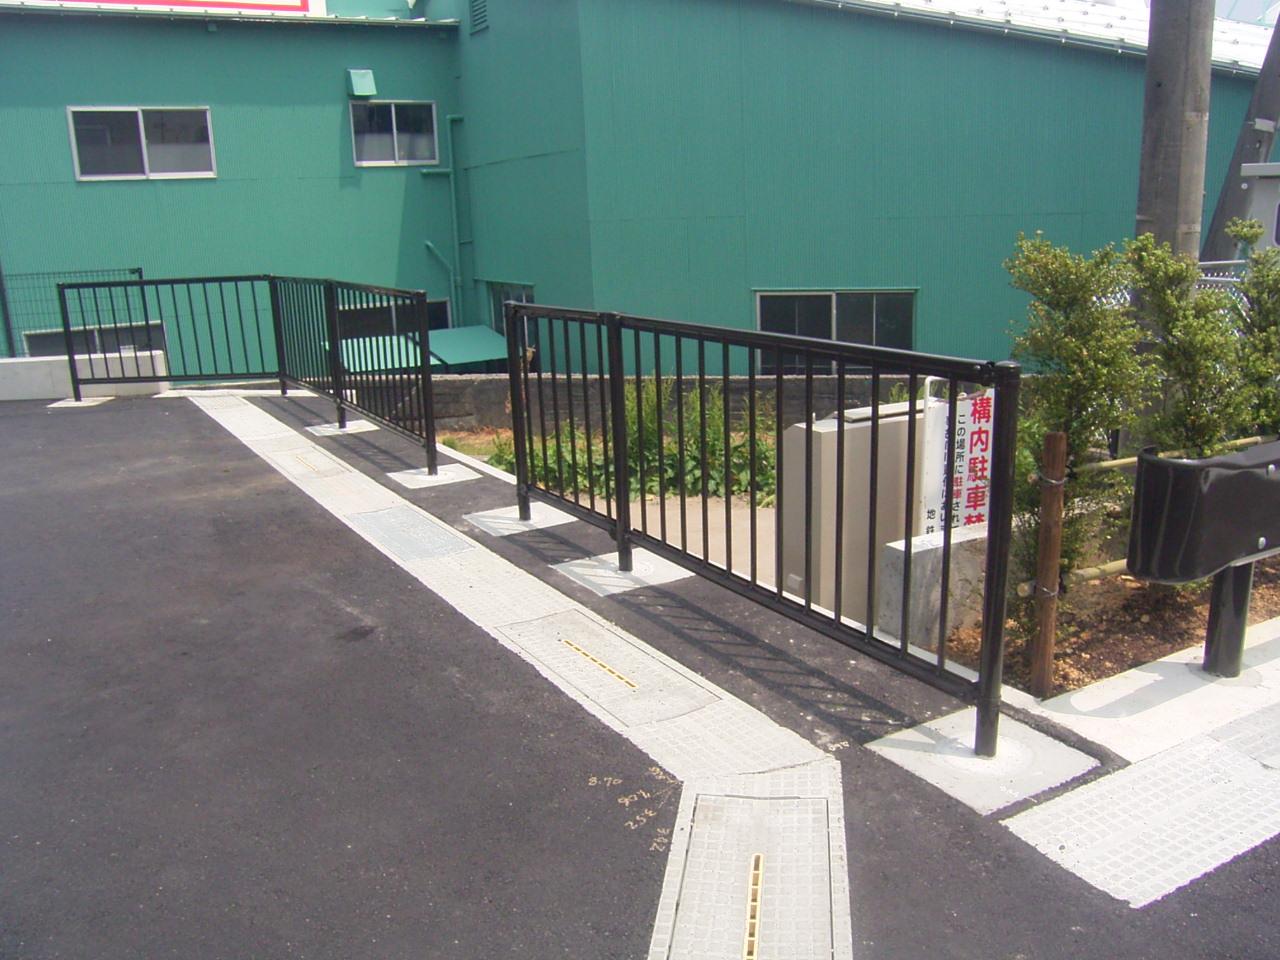 防護柵・防止柵(ガードレール・フェンス) 施工事例09